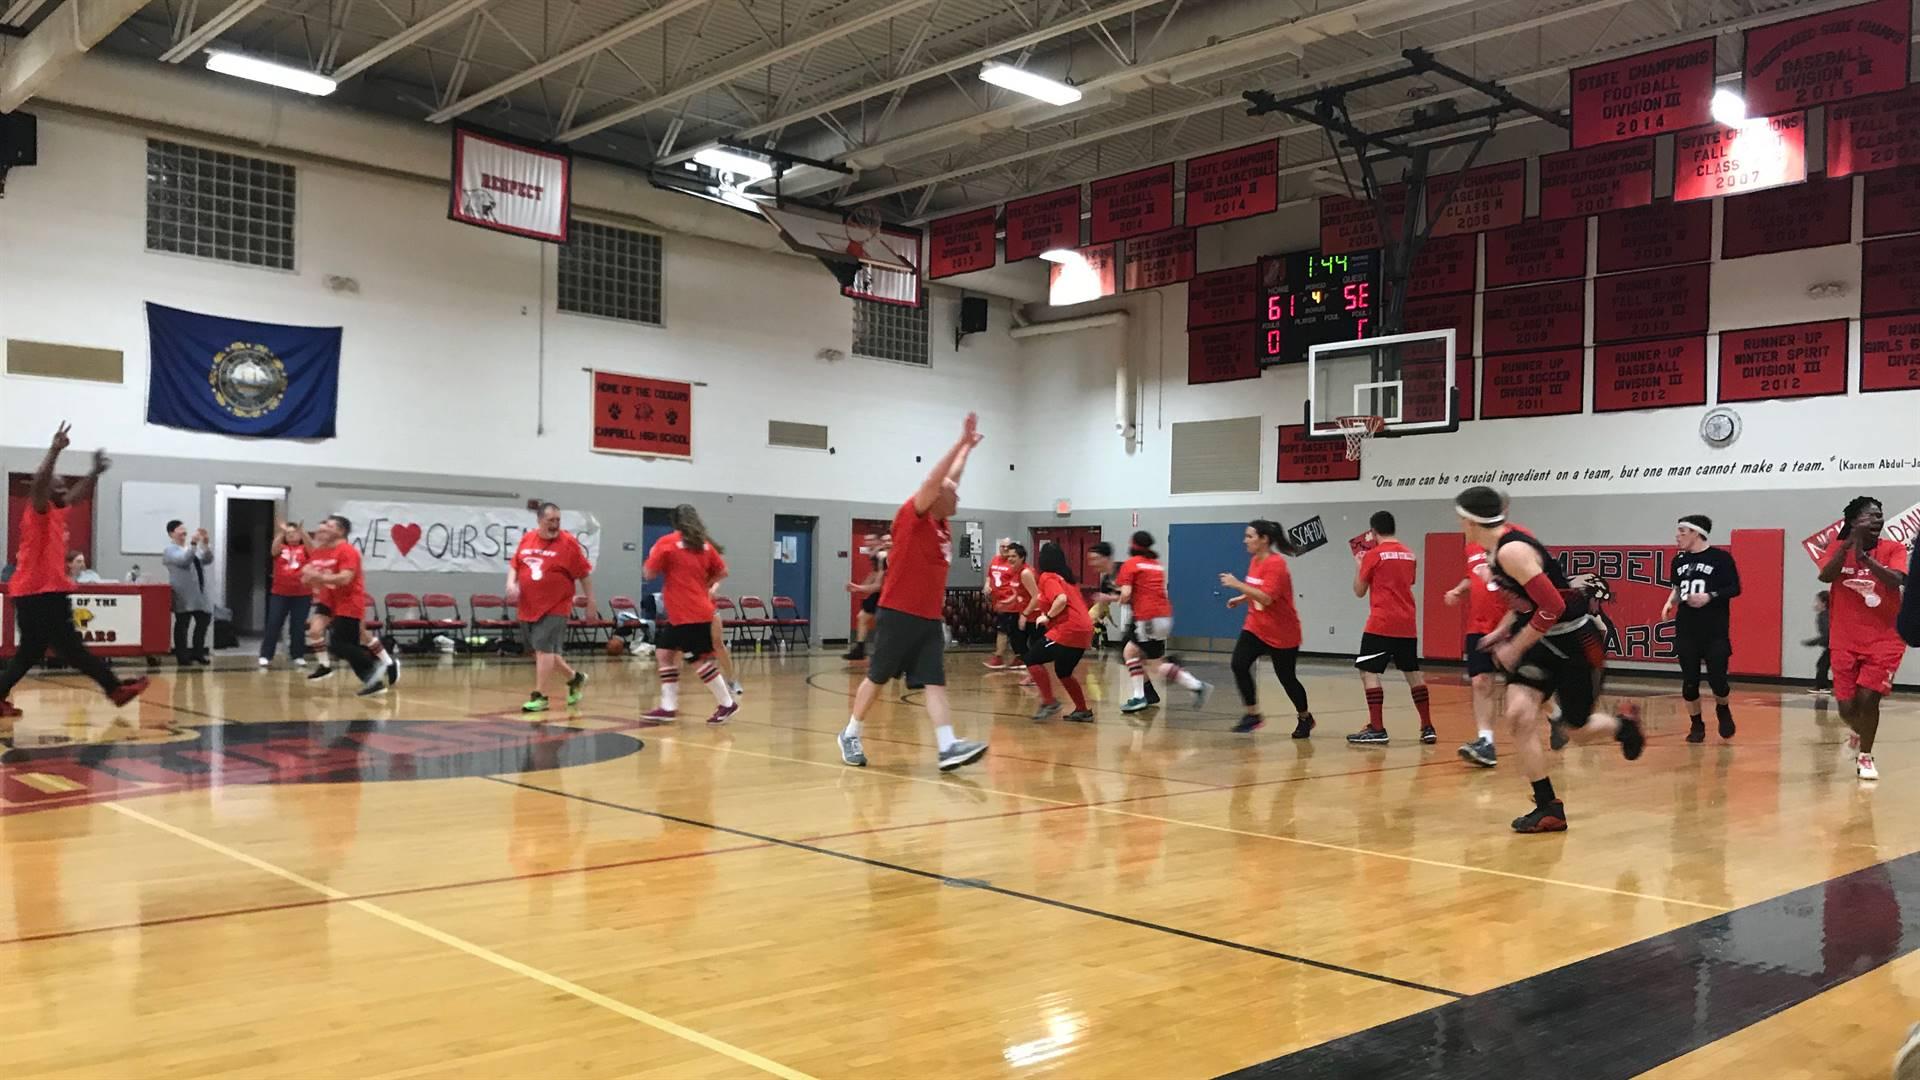 Student vs Staff Basketball game